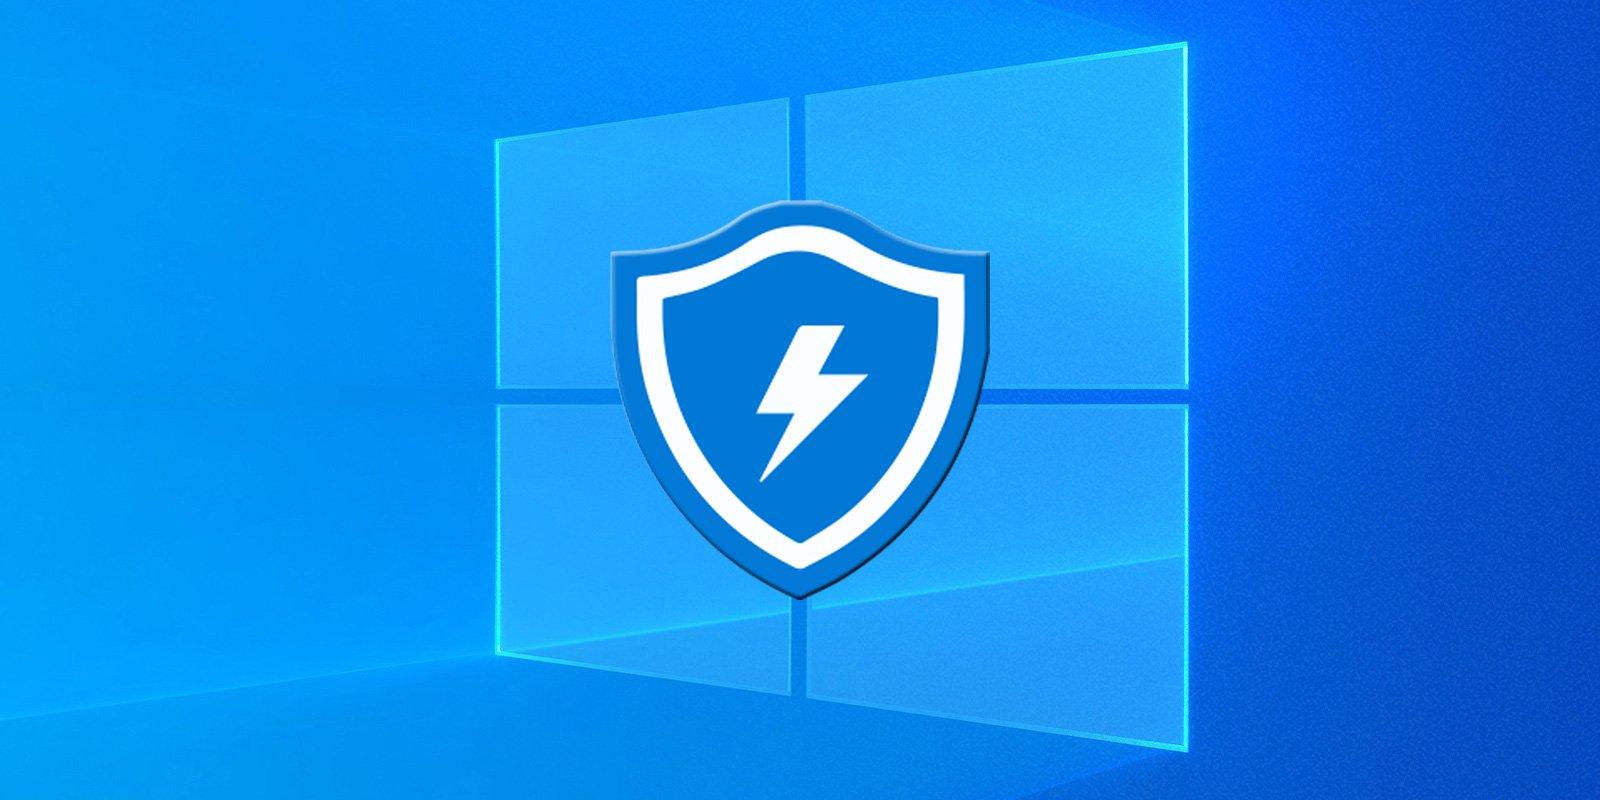 Microsoft Defender può ironicamente essere utilizzato per scaricare malware